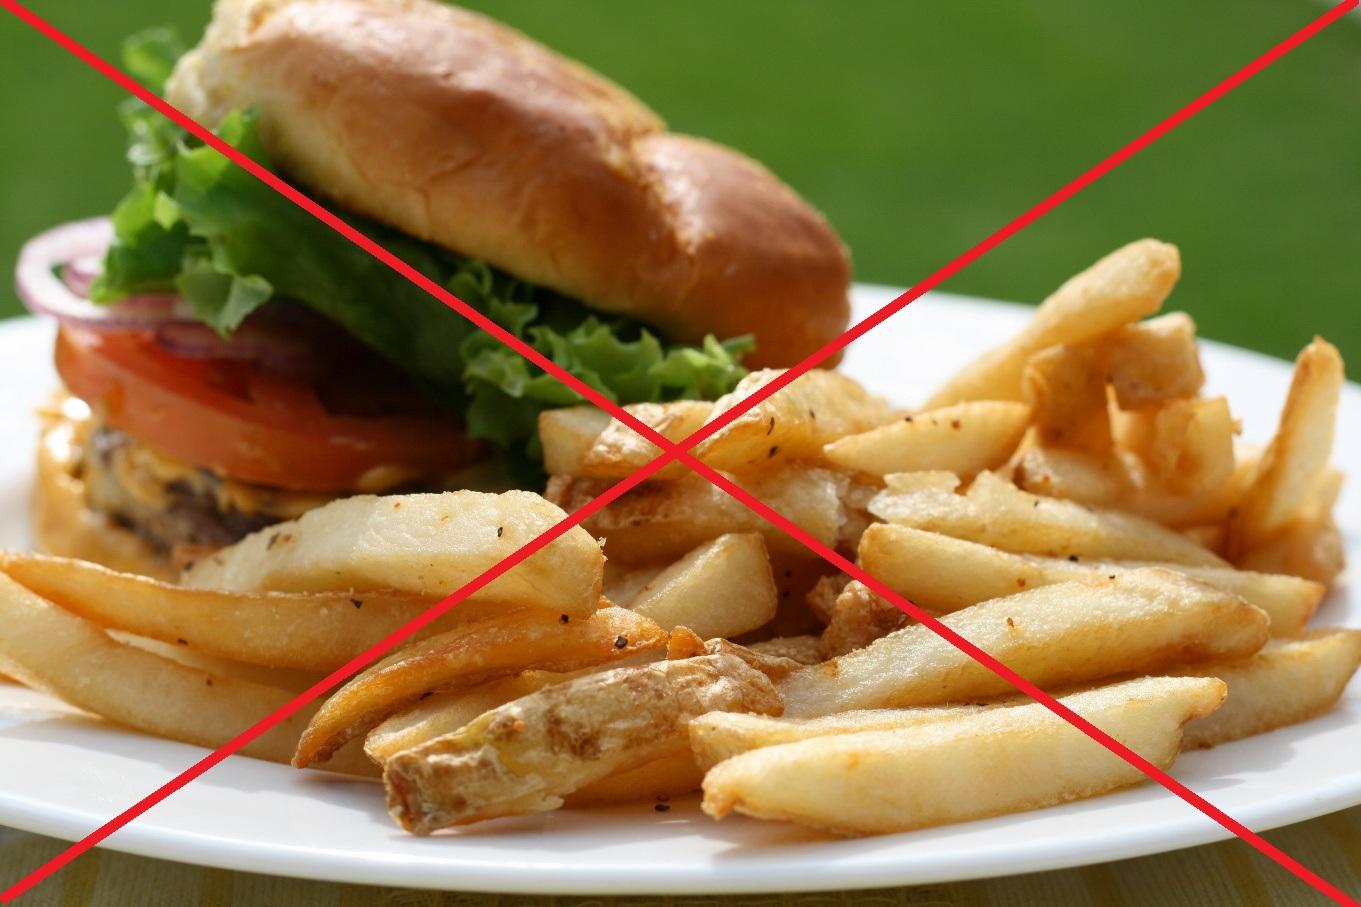 Необходимо исключить из питания жирные и острые блюда